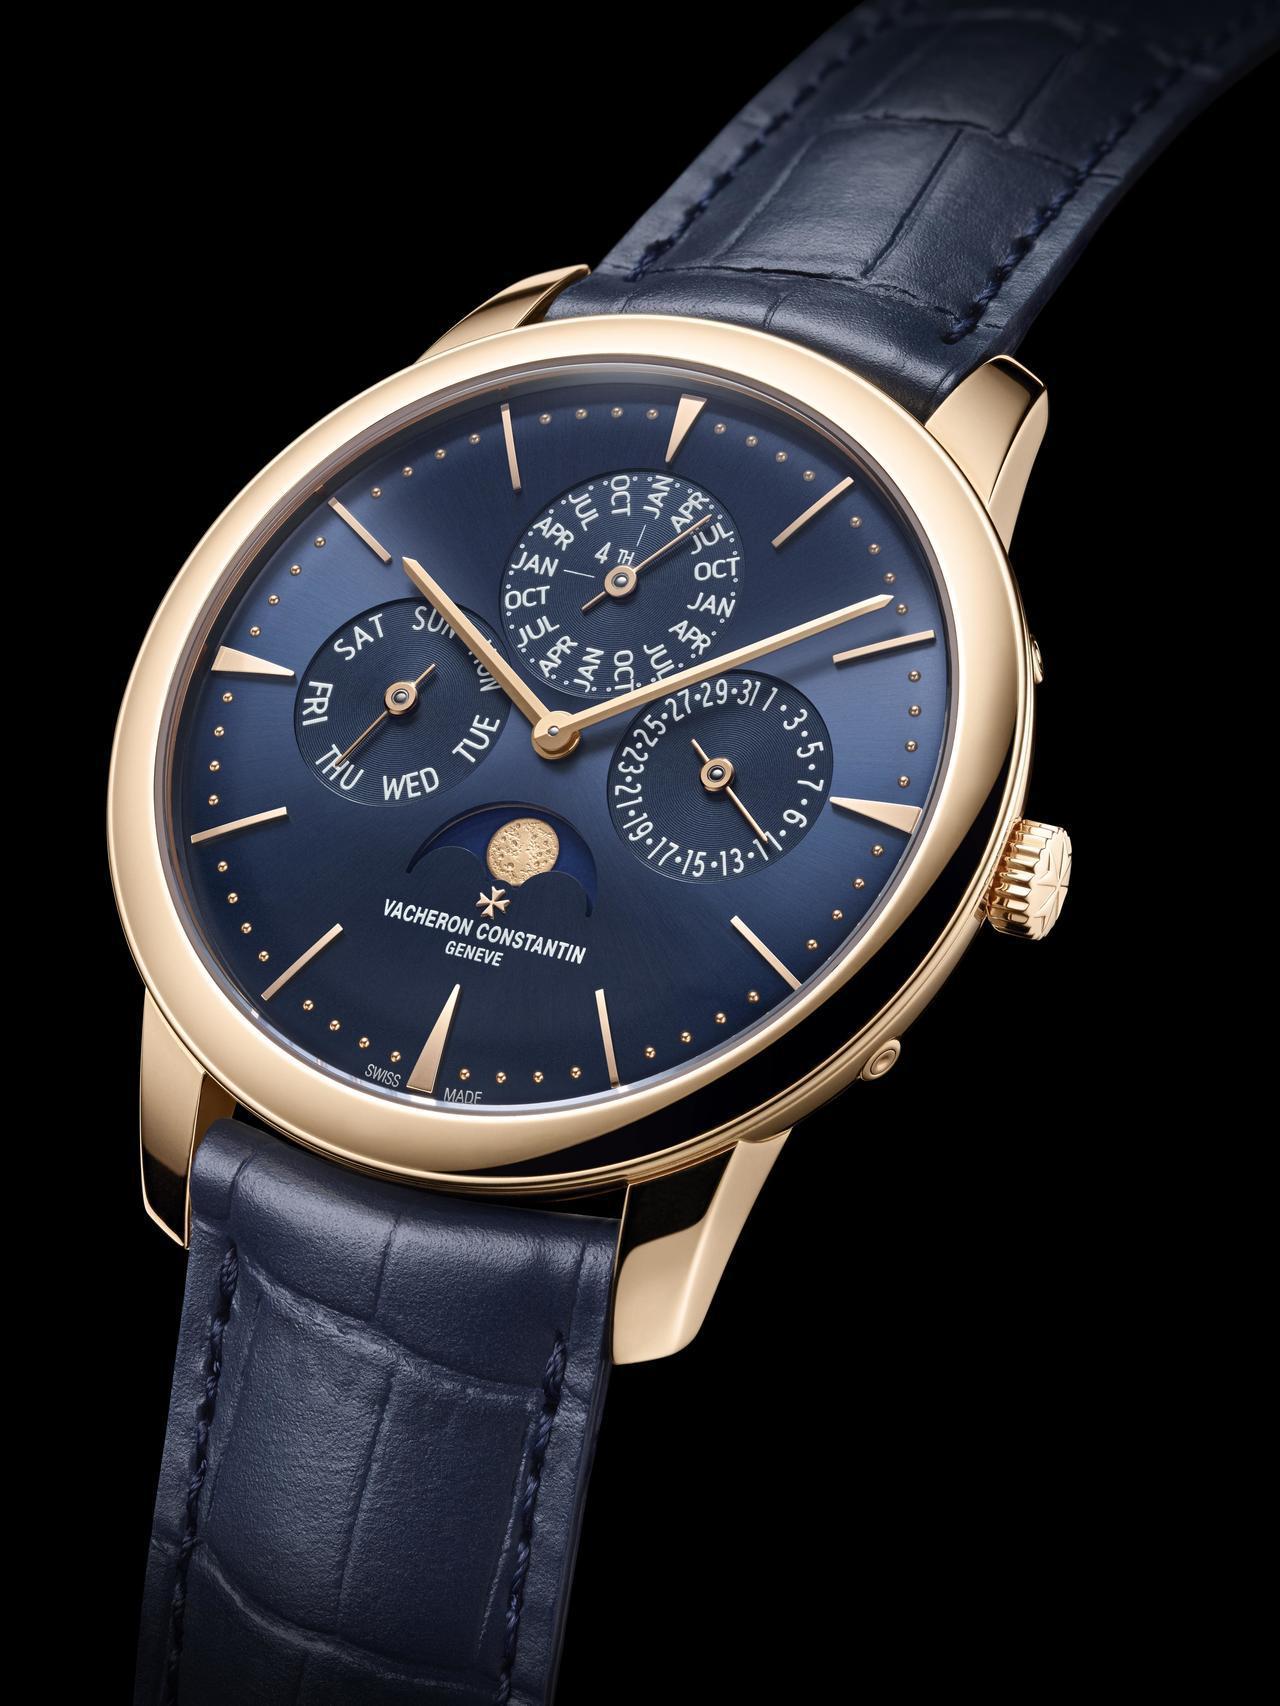 江詩丹頓PATRIMONY午夜藍超薄萬年曆腕表,41毫米18K5N玫瑰金表殼、1...